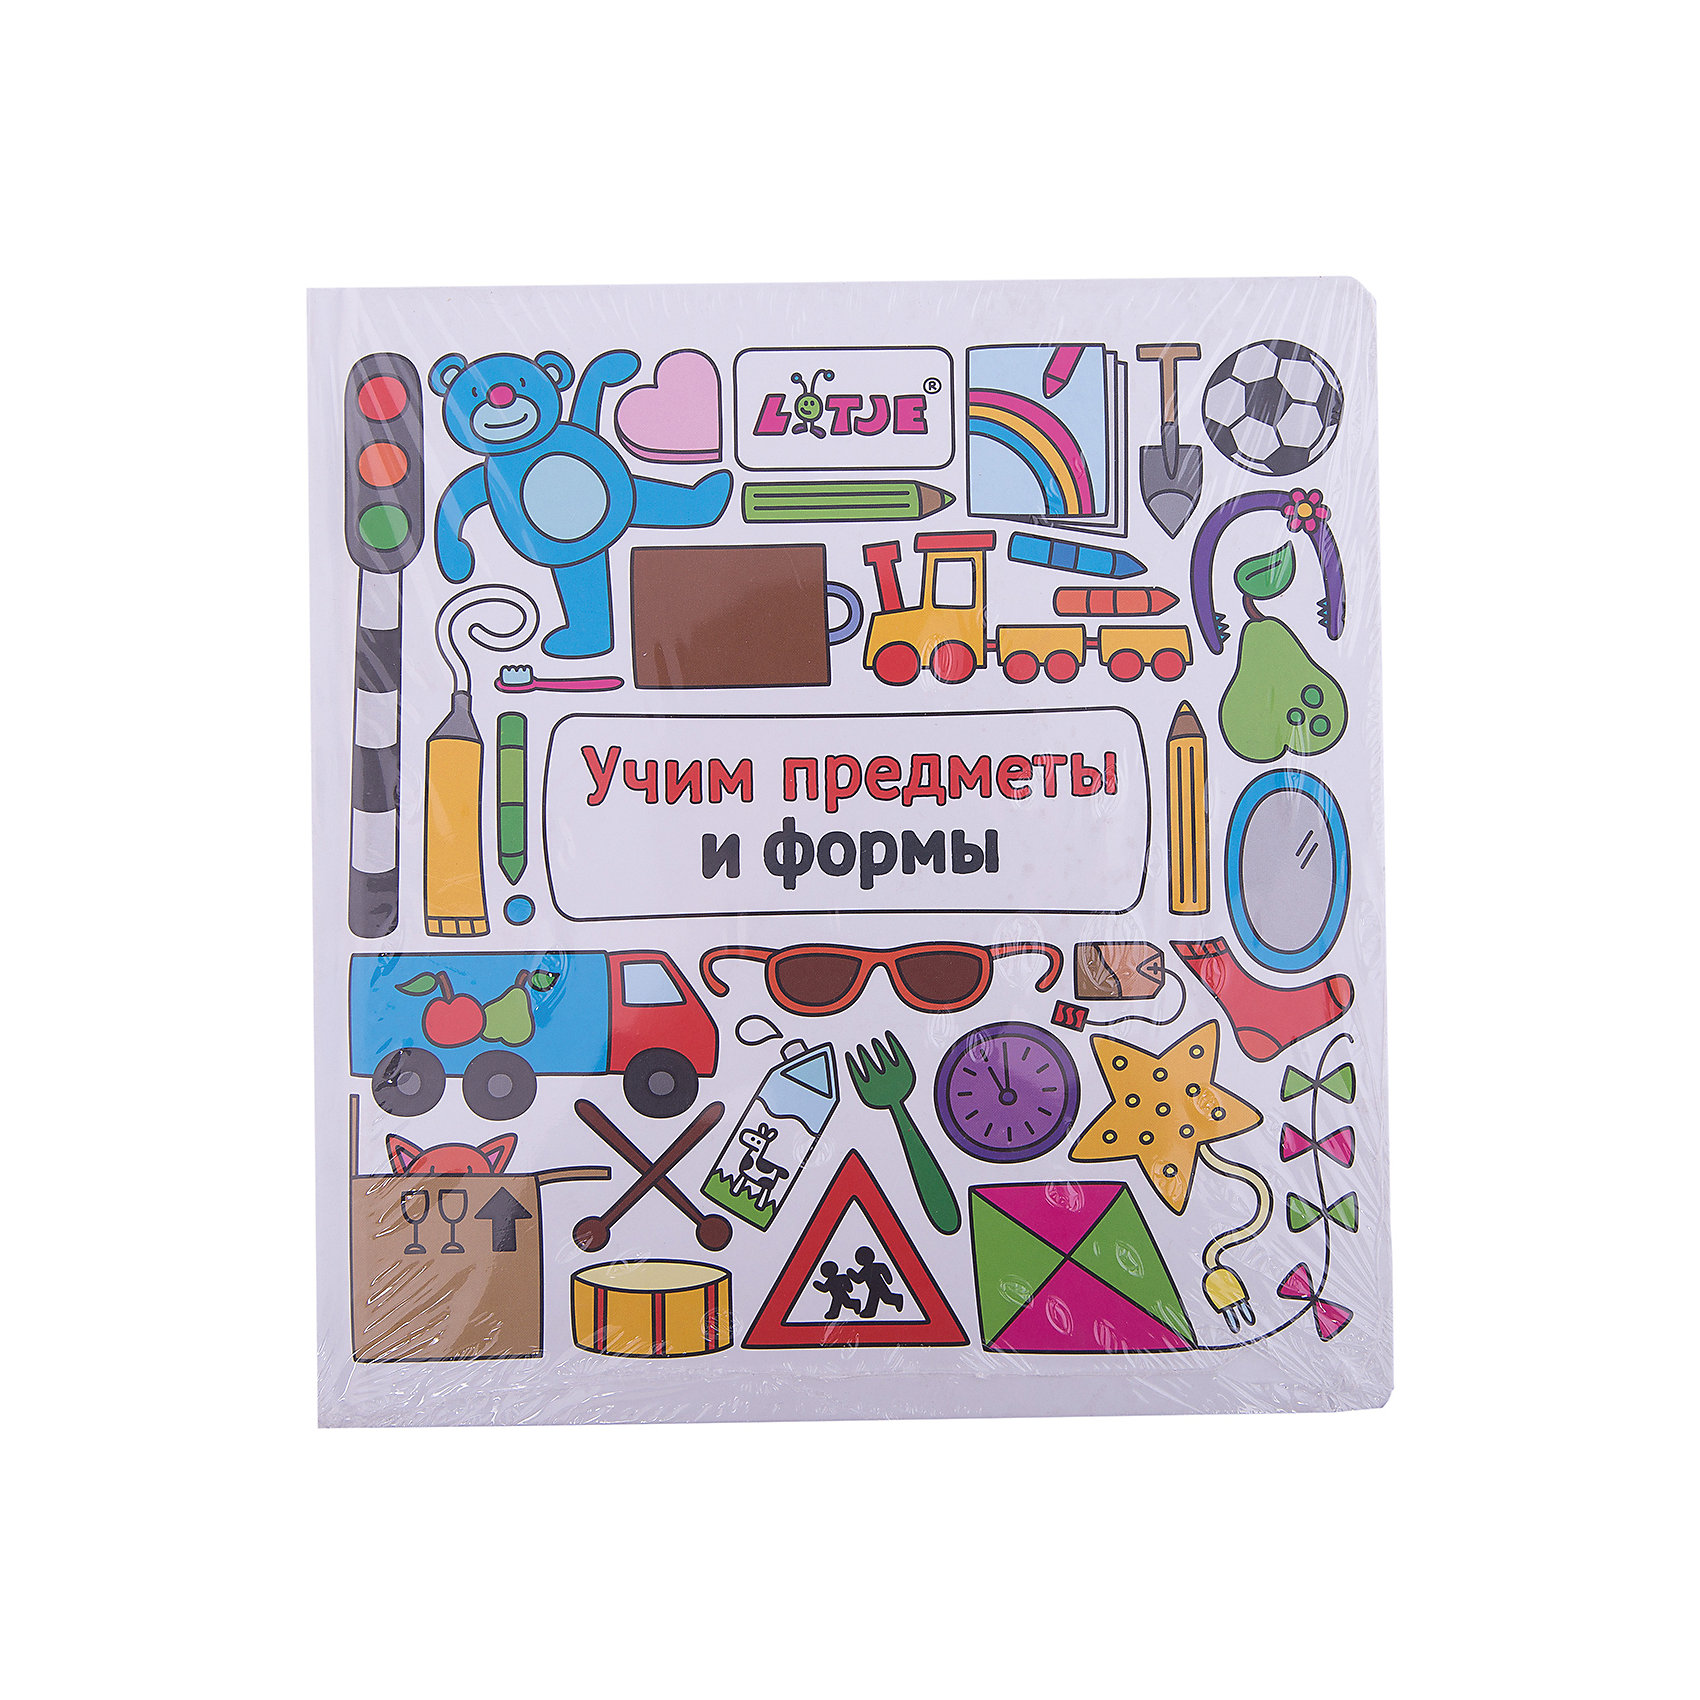 Учим предметы и формыИзучаем цвета и формы<br>Эта красочная книжка о цветах и числах с весёлыми заданиями поможет малышам от трёх лет развить речь, научиться считать и различать цвета.<br><br>Ширина мм: 227<br>Глубина мм: 215<br>Высота мм: 110<br>Вес г: 358<br>Возраст от месяцев: 36<br>Возраст до месяцев: 168<br>Пол: Унисекс<br>Возраст: Детский<br>SKU: 5535122